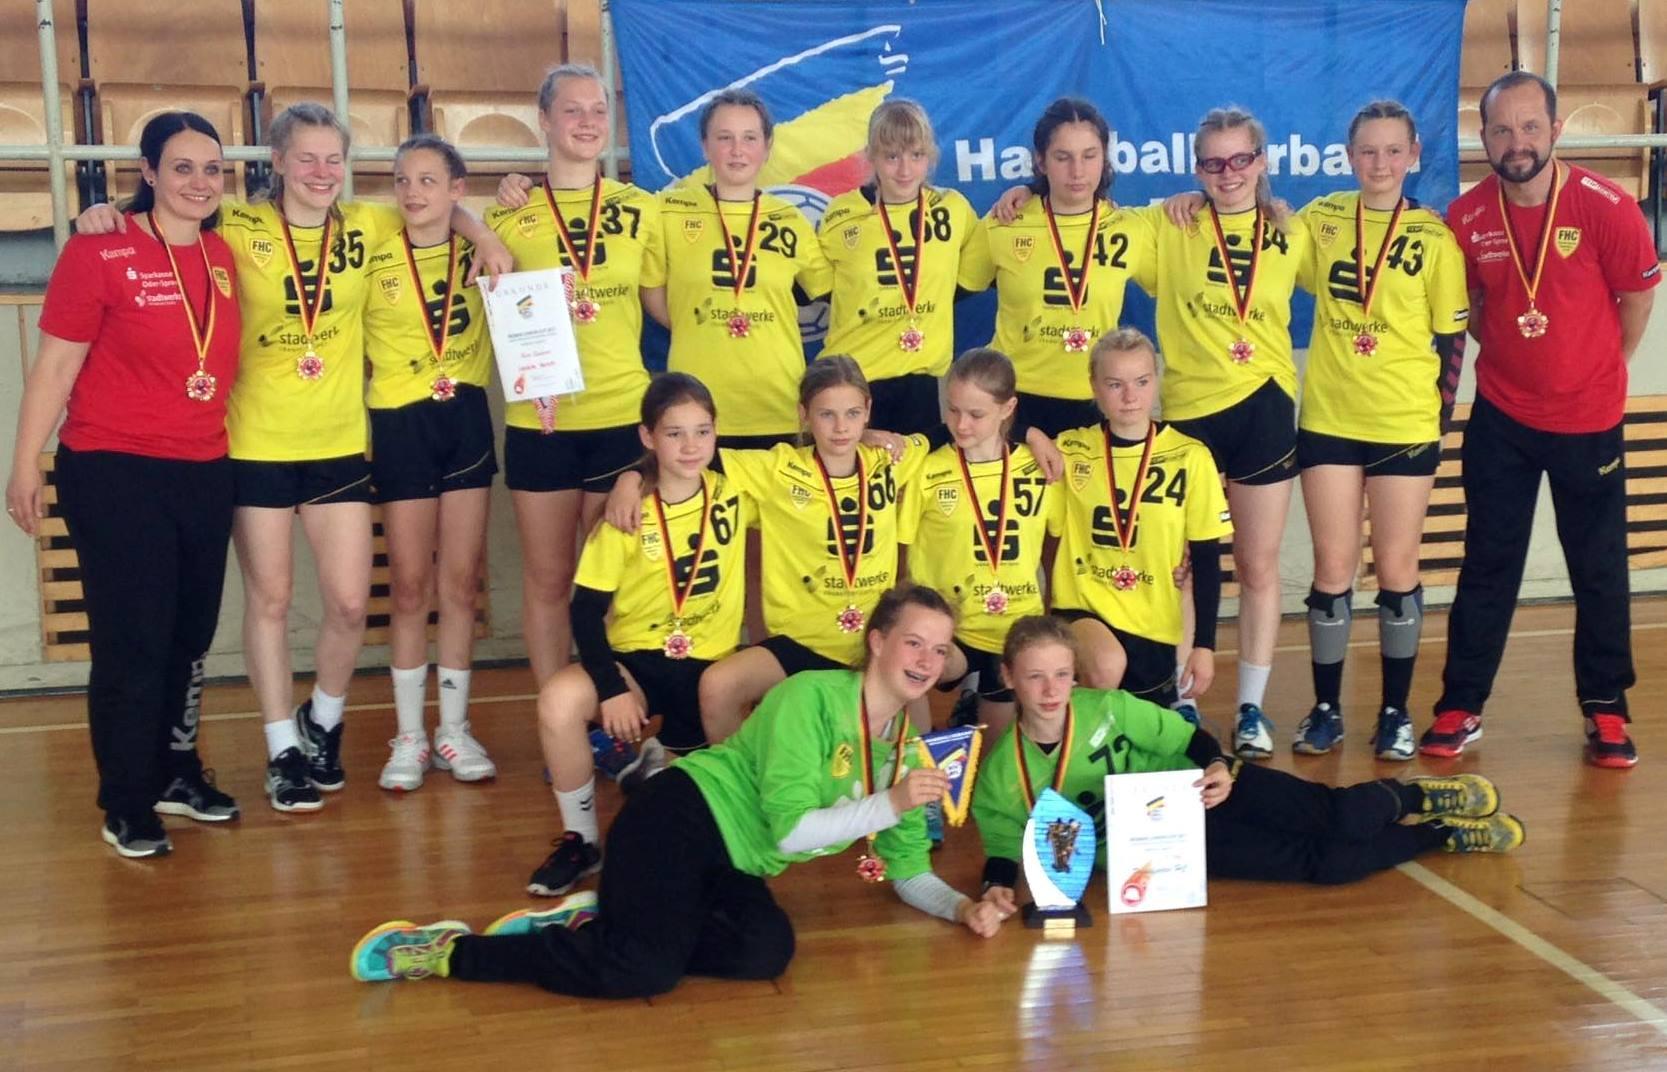 wismar handball